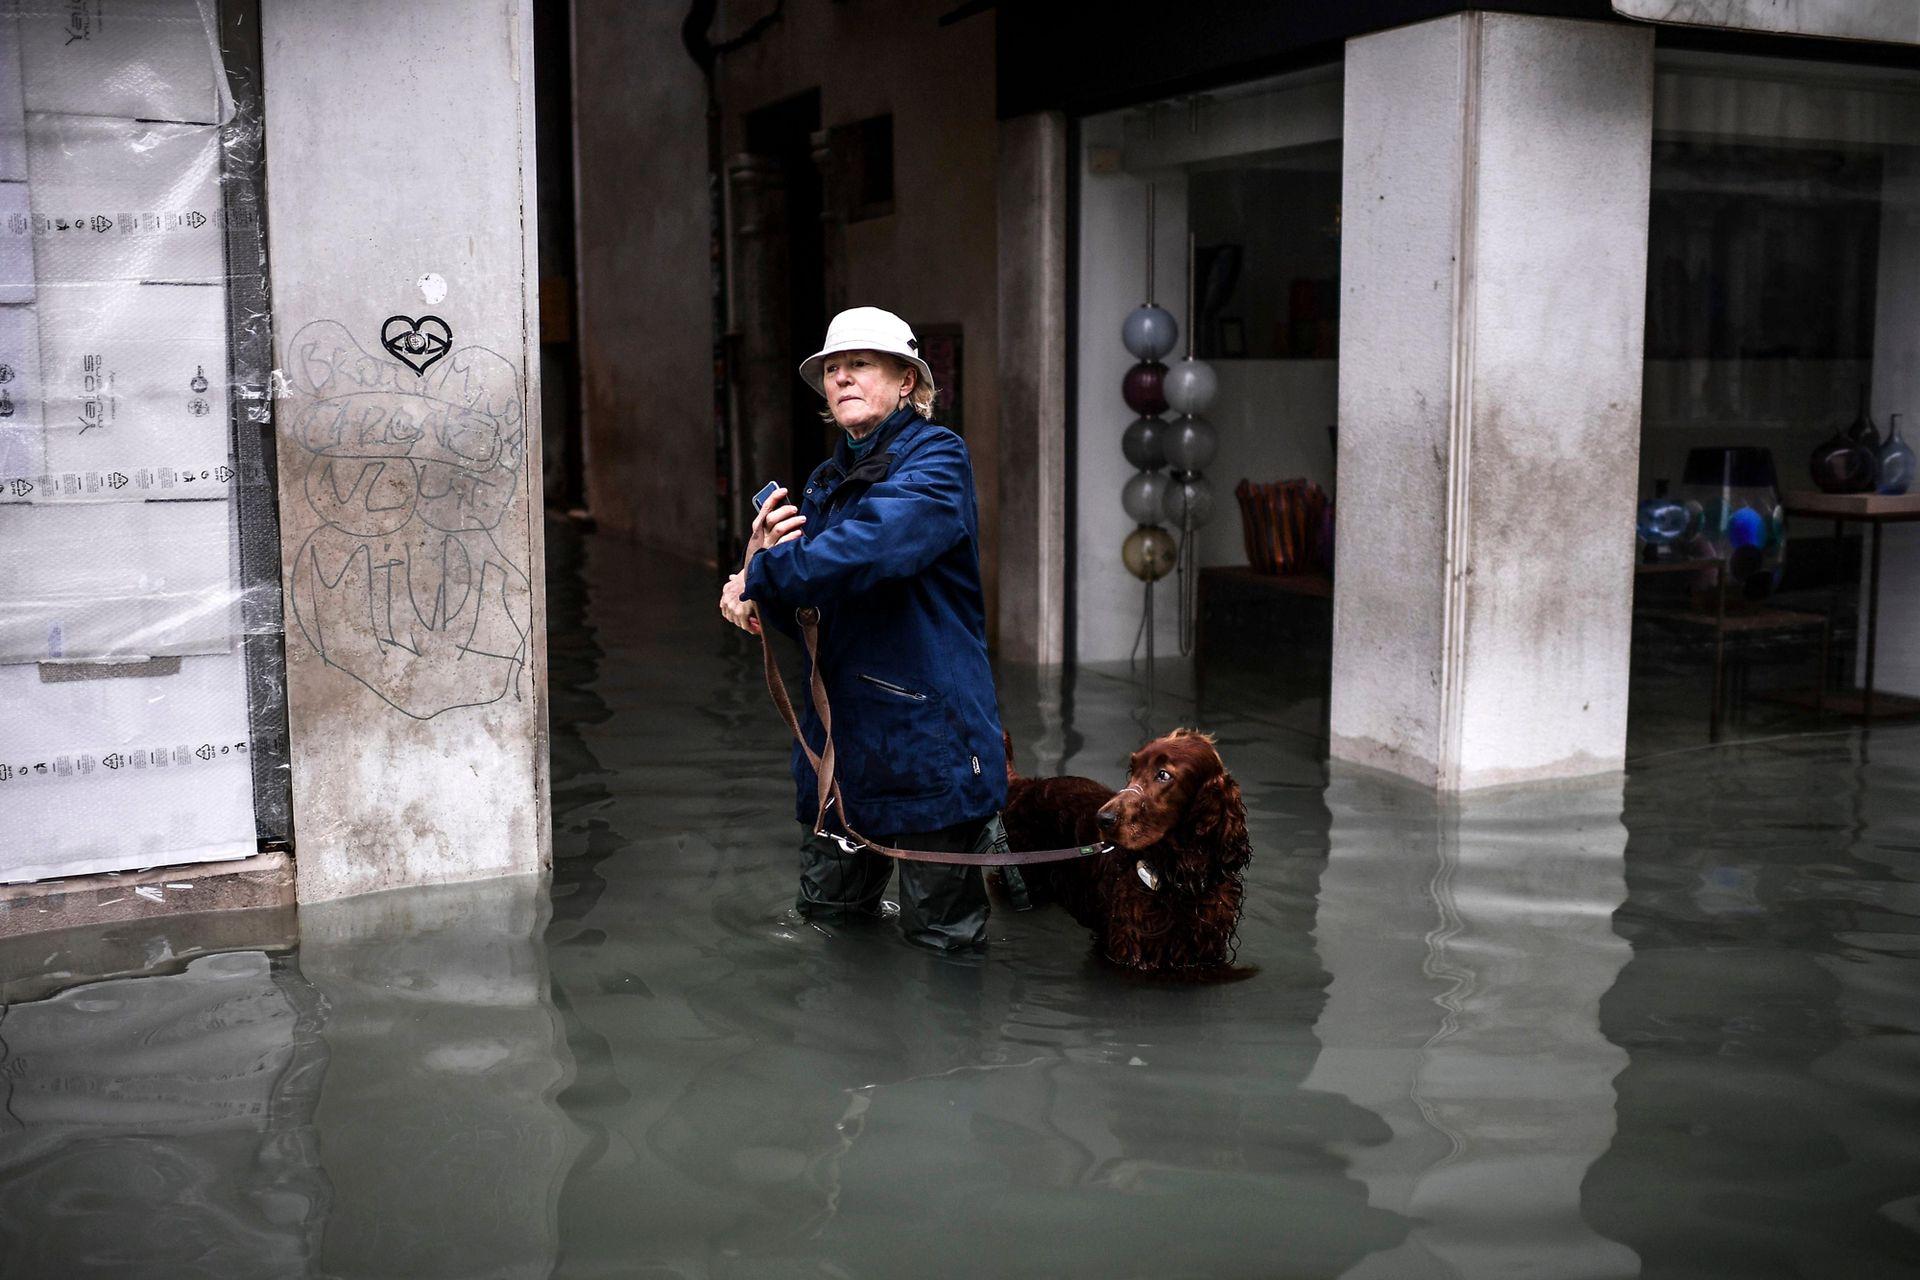 A las 22:40 pm, la marea alcanzó los 183 cm, la segunda medida en la historia después de los 198 cm de la inundación de 1966